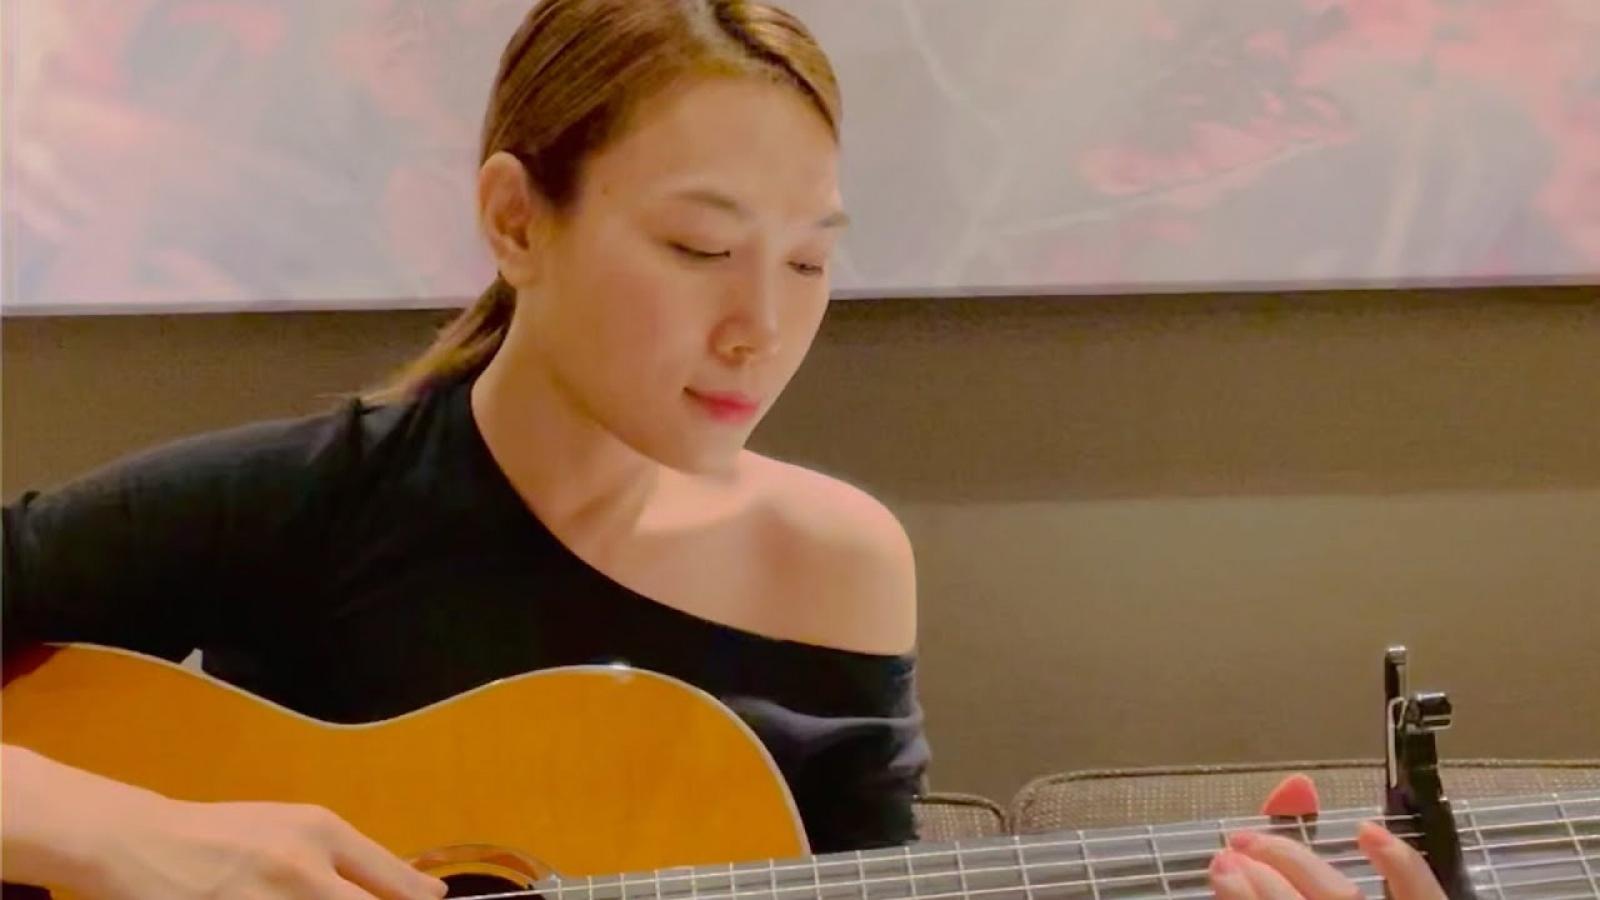 """Mỹ Tâm bất ngờ hé lộ ca khúc mới trong dịp kỷ niệm 3 năm ra mắt album """"Tâm 9"""""""